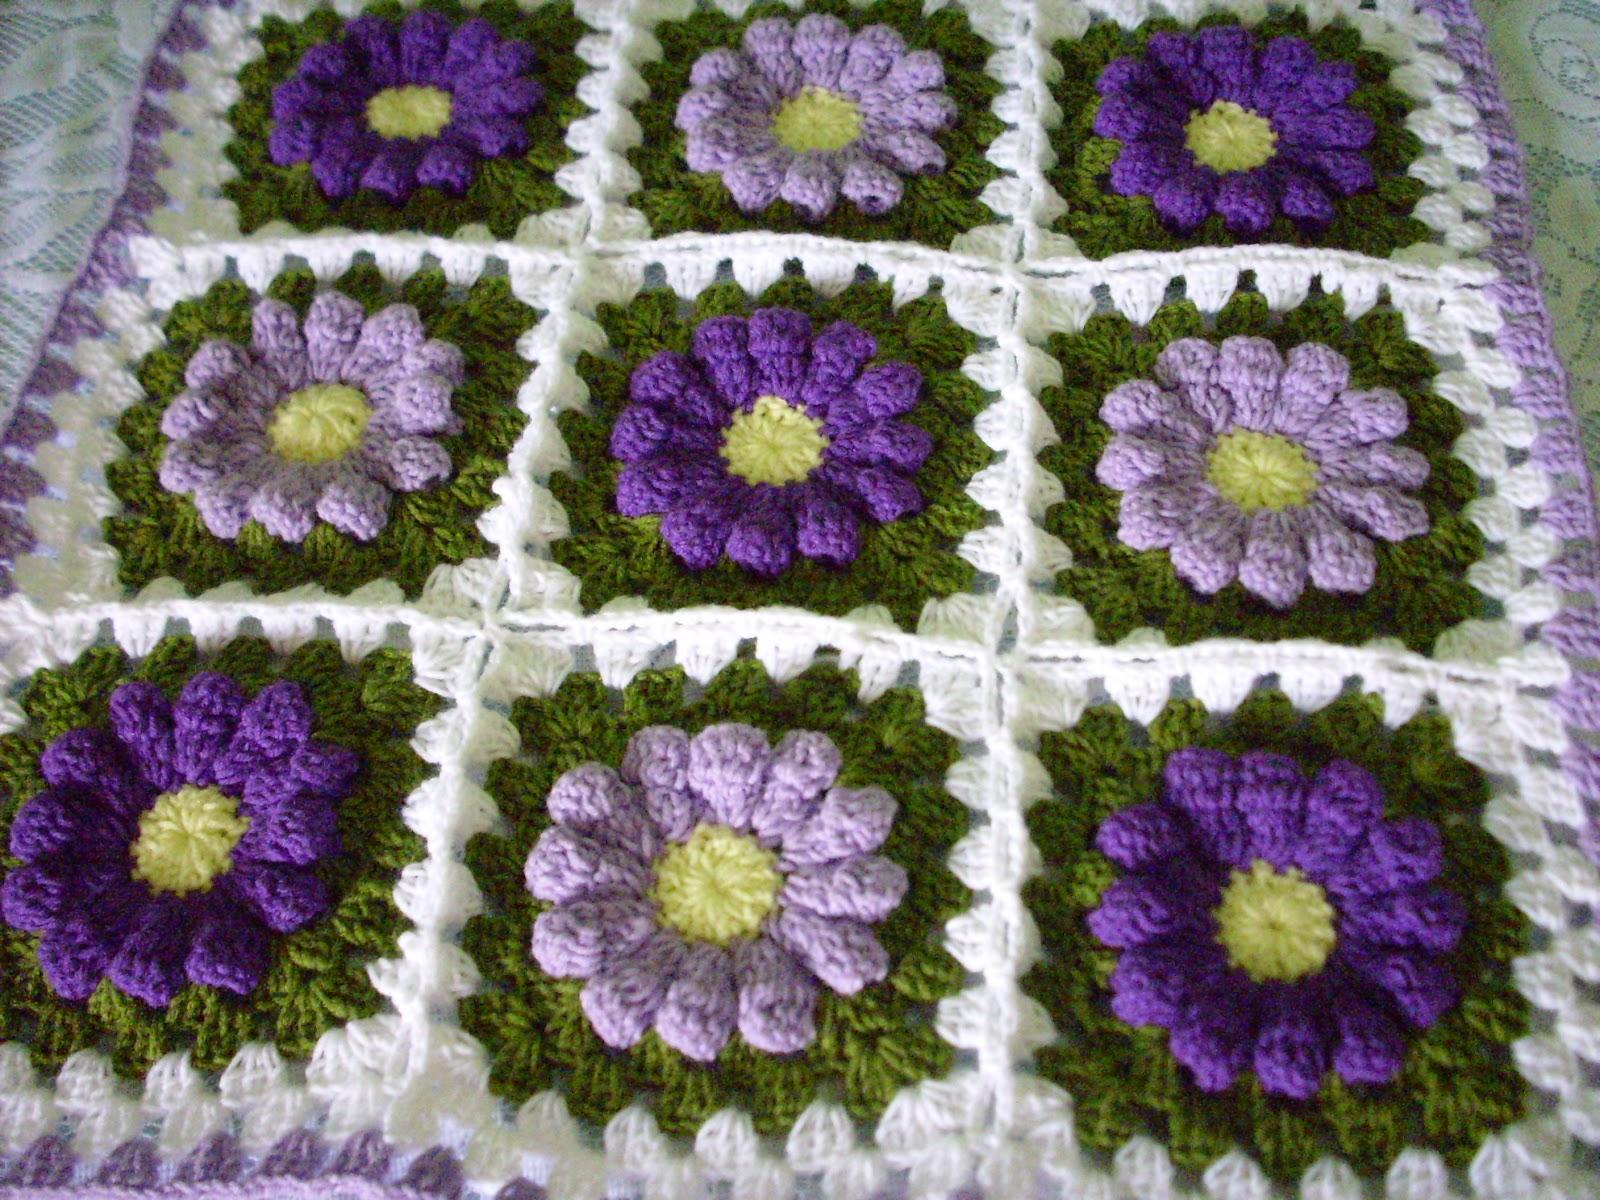 Dielas crochet crochet bantal kusyen bunga daisy masih lagi menggunakan motif bunga yang sama iaitu bunga daisy sebenarnya sarung bantal kusyen ini belum siap sepenuhnya ini adalah bahagian hadapan iaitu ccuart Gallery